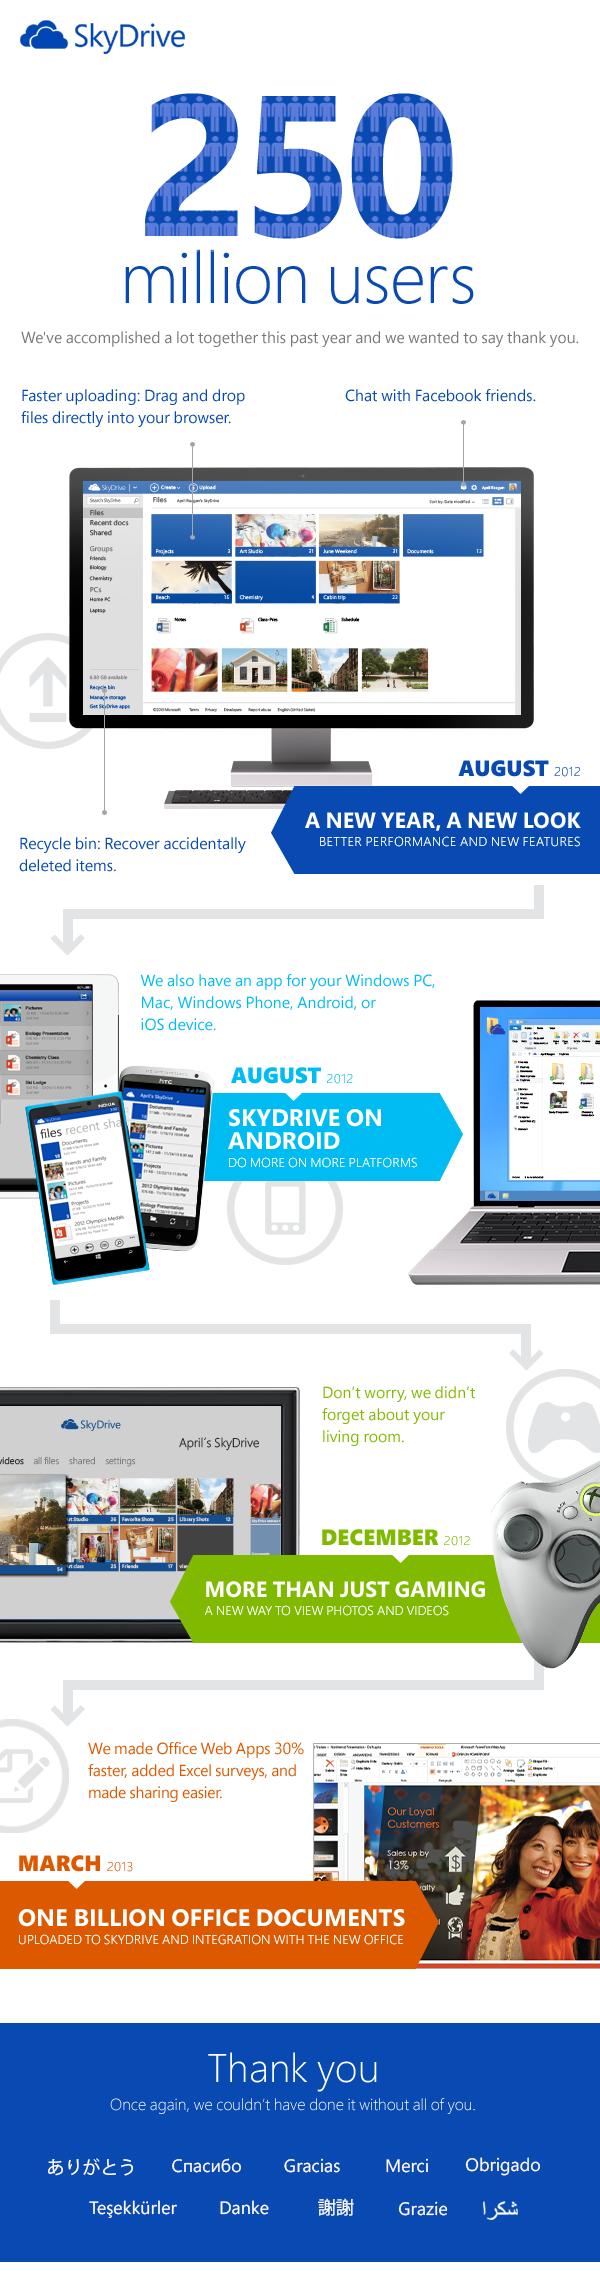 Breve storia di SkyDrive da agosto 2012 a marzo 2013.